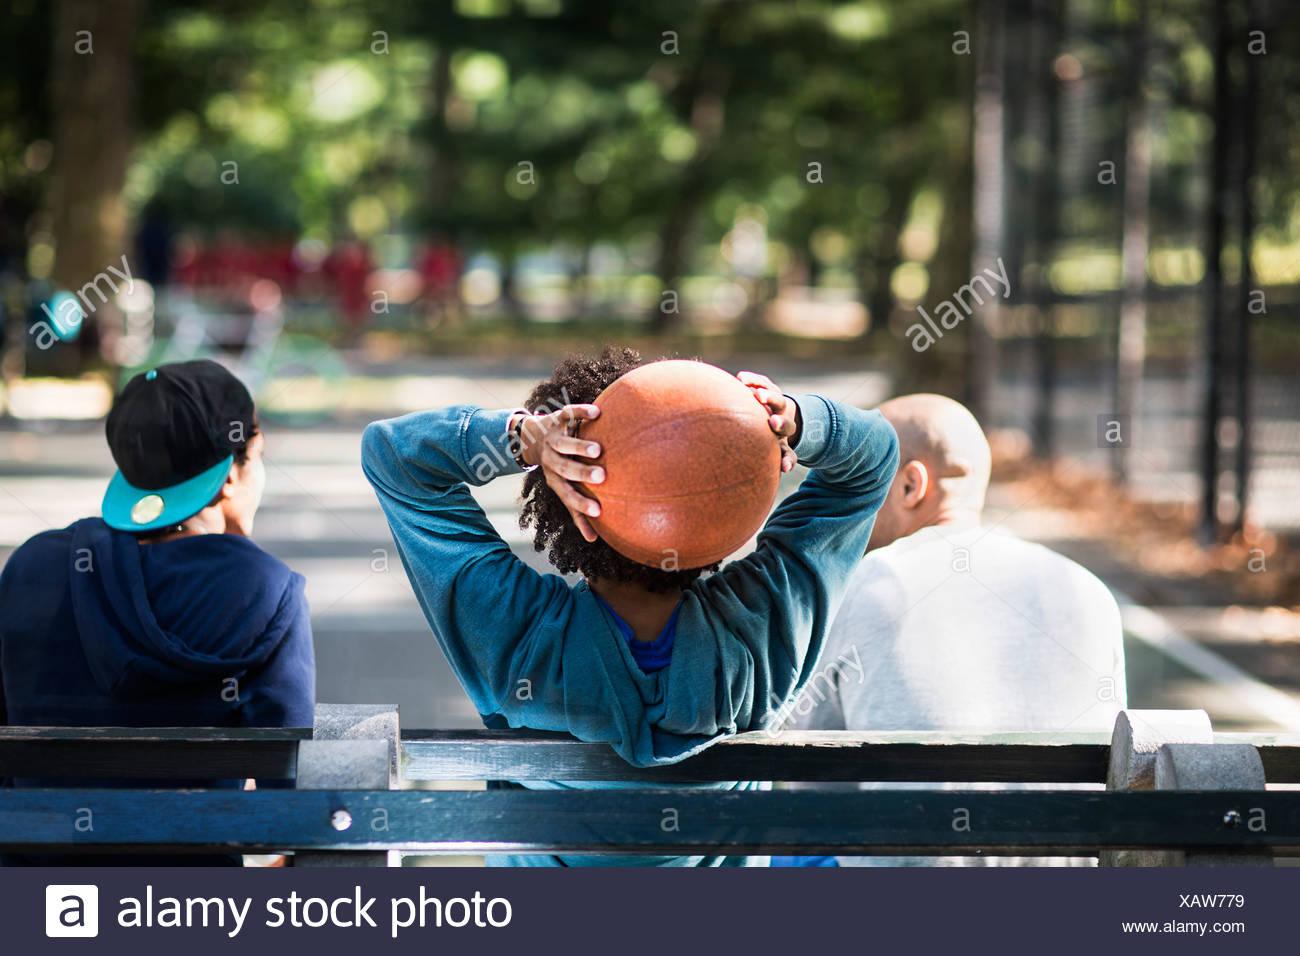 Les jeunes hommes assis sur le parc, un holding basketball Photo Stock